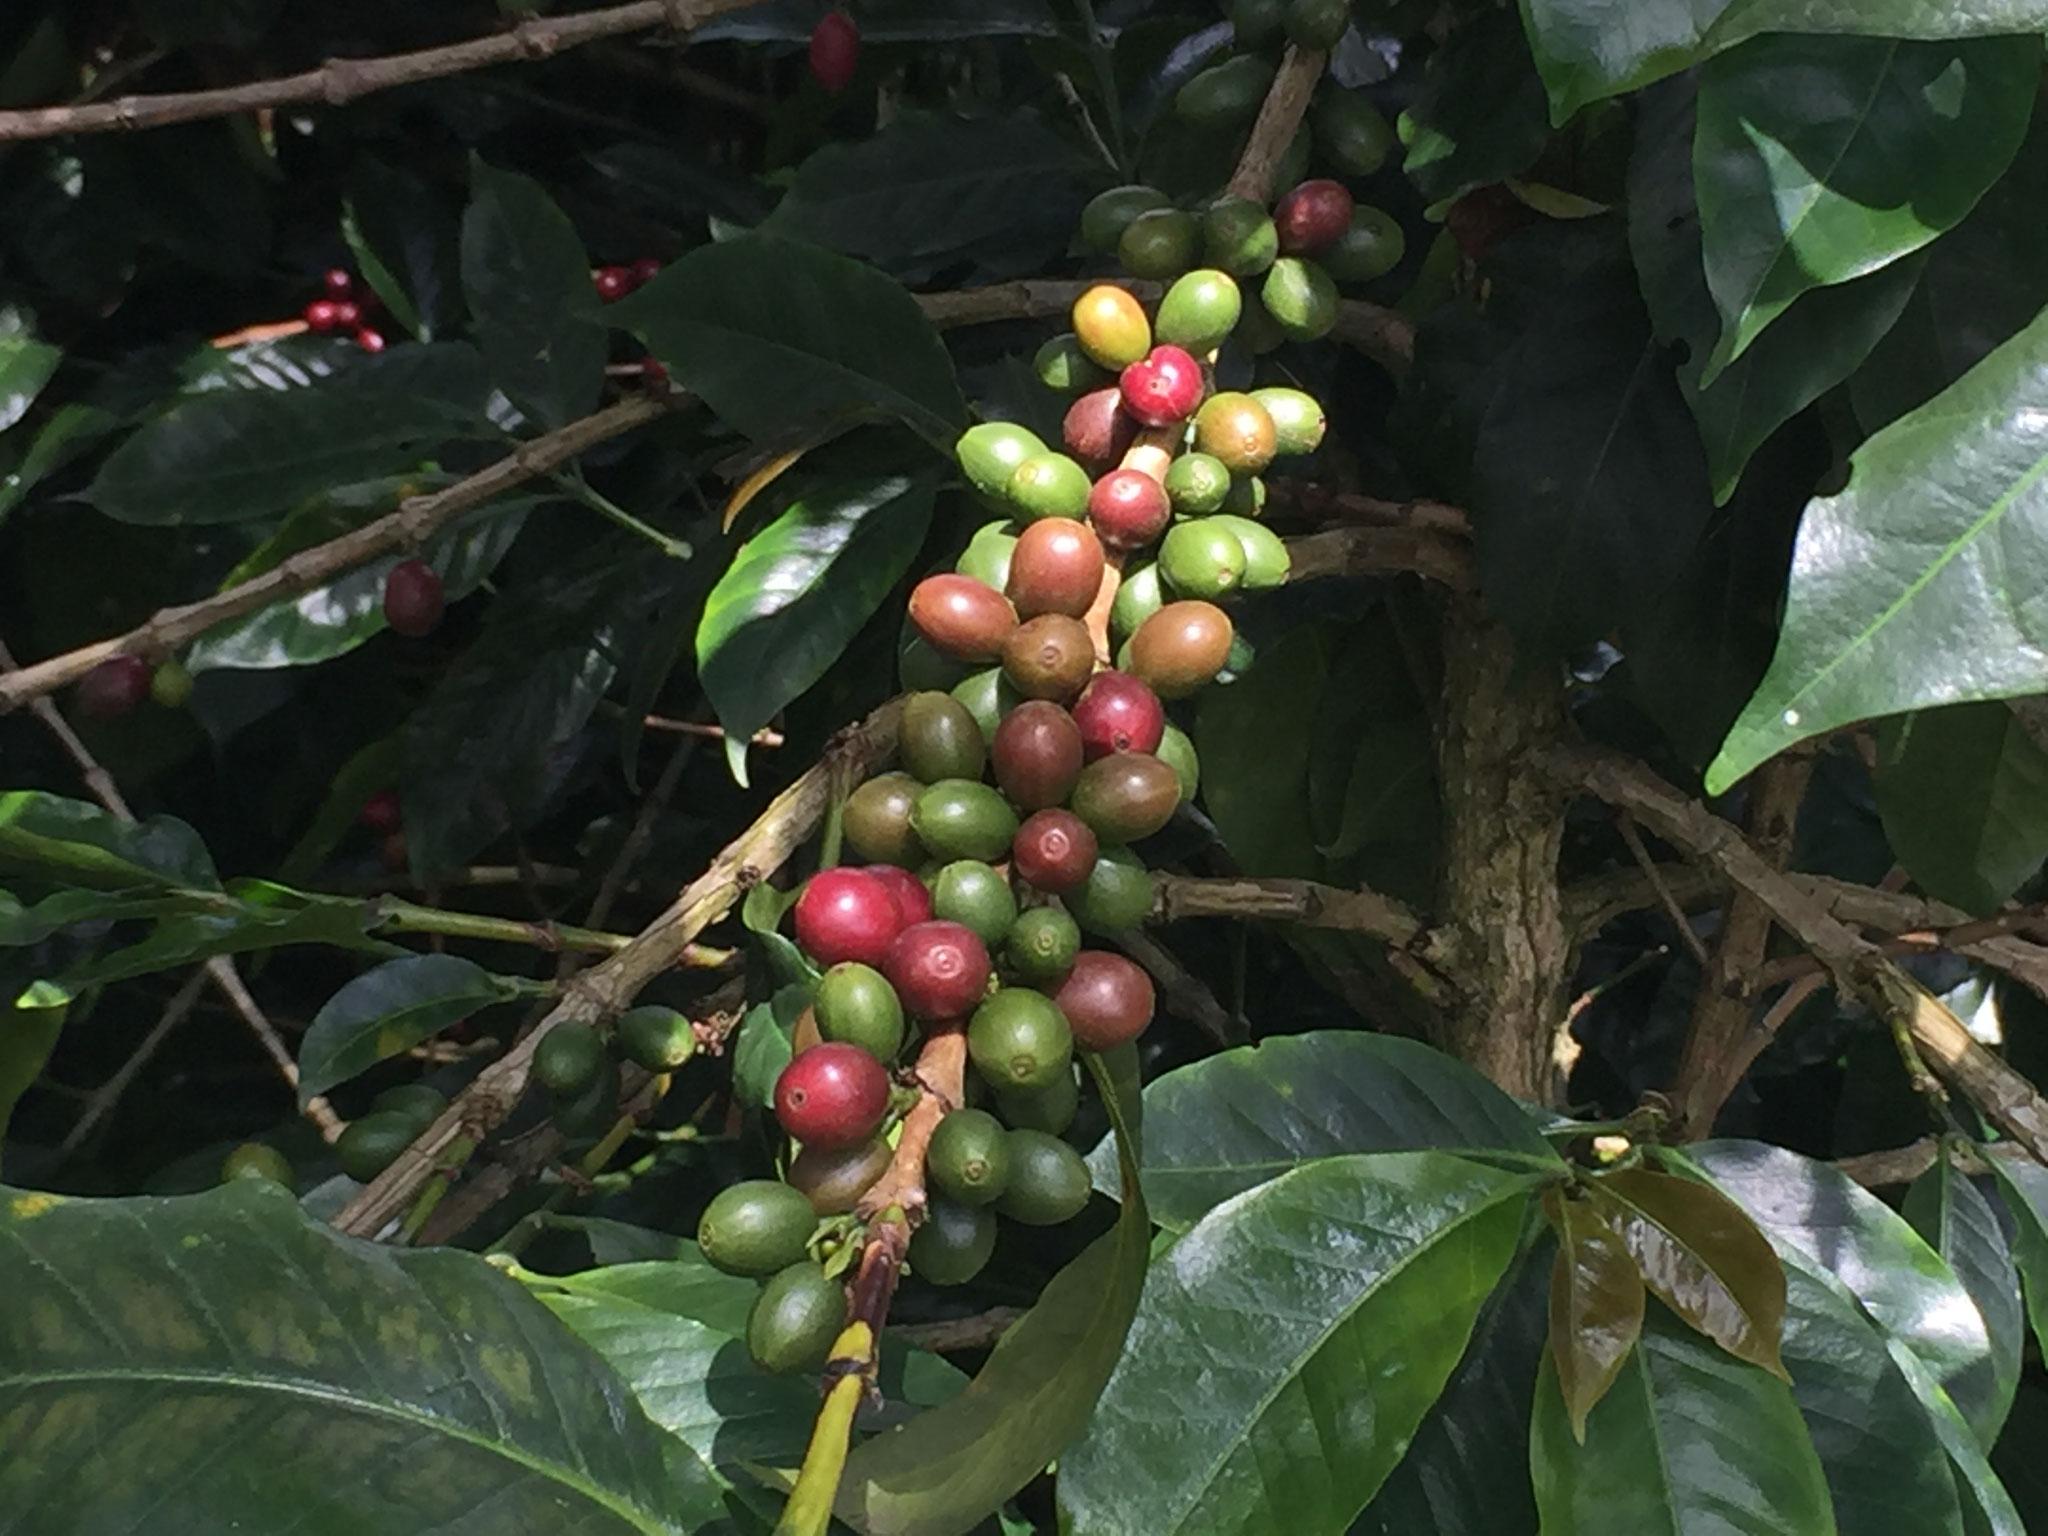 die roten sind reife Kaffeebohnen